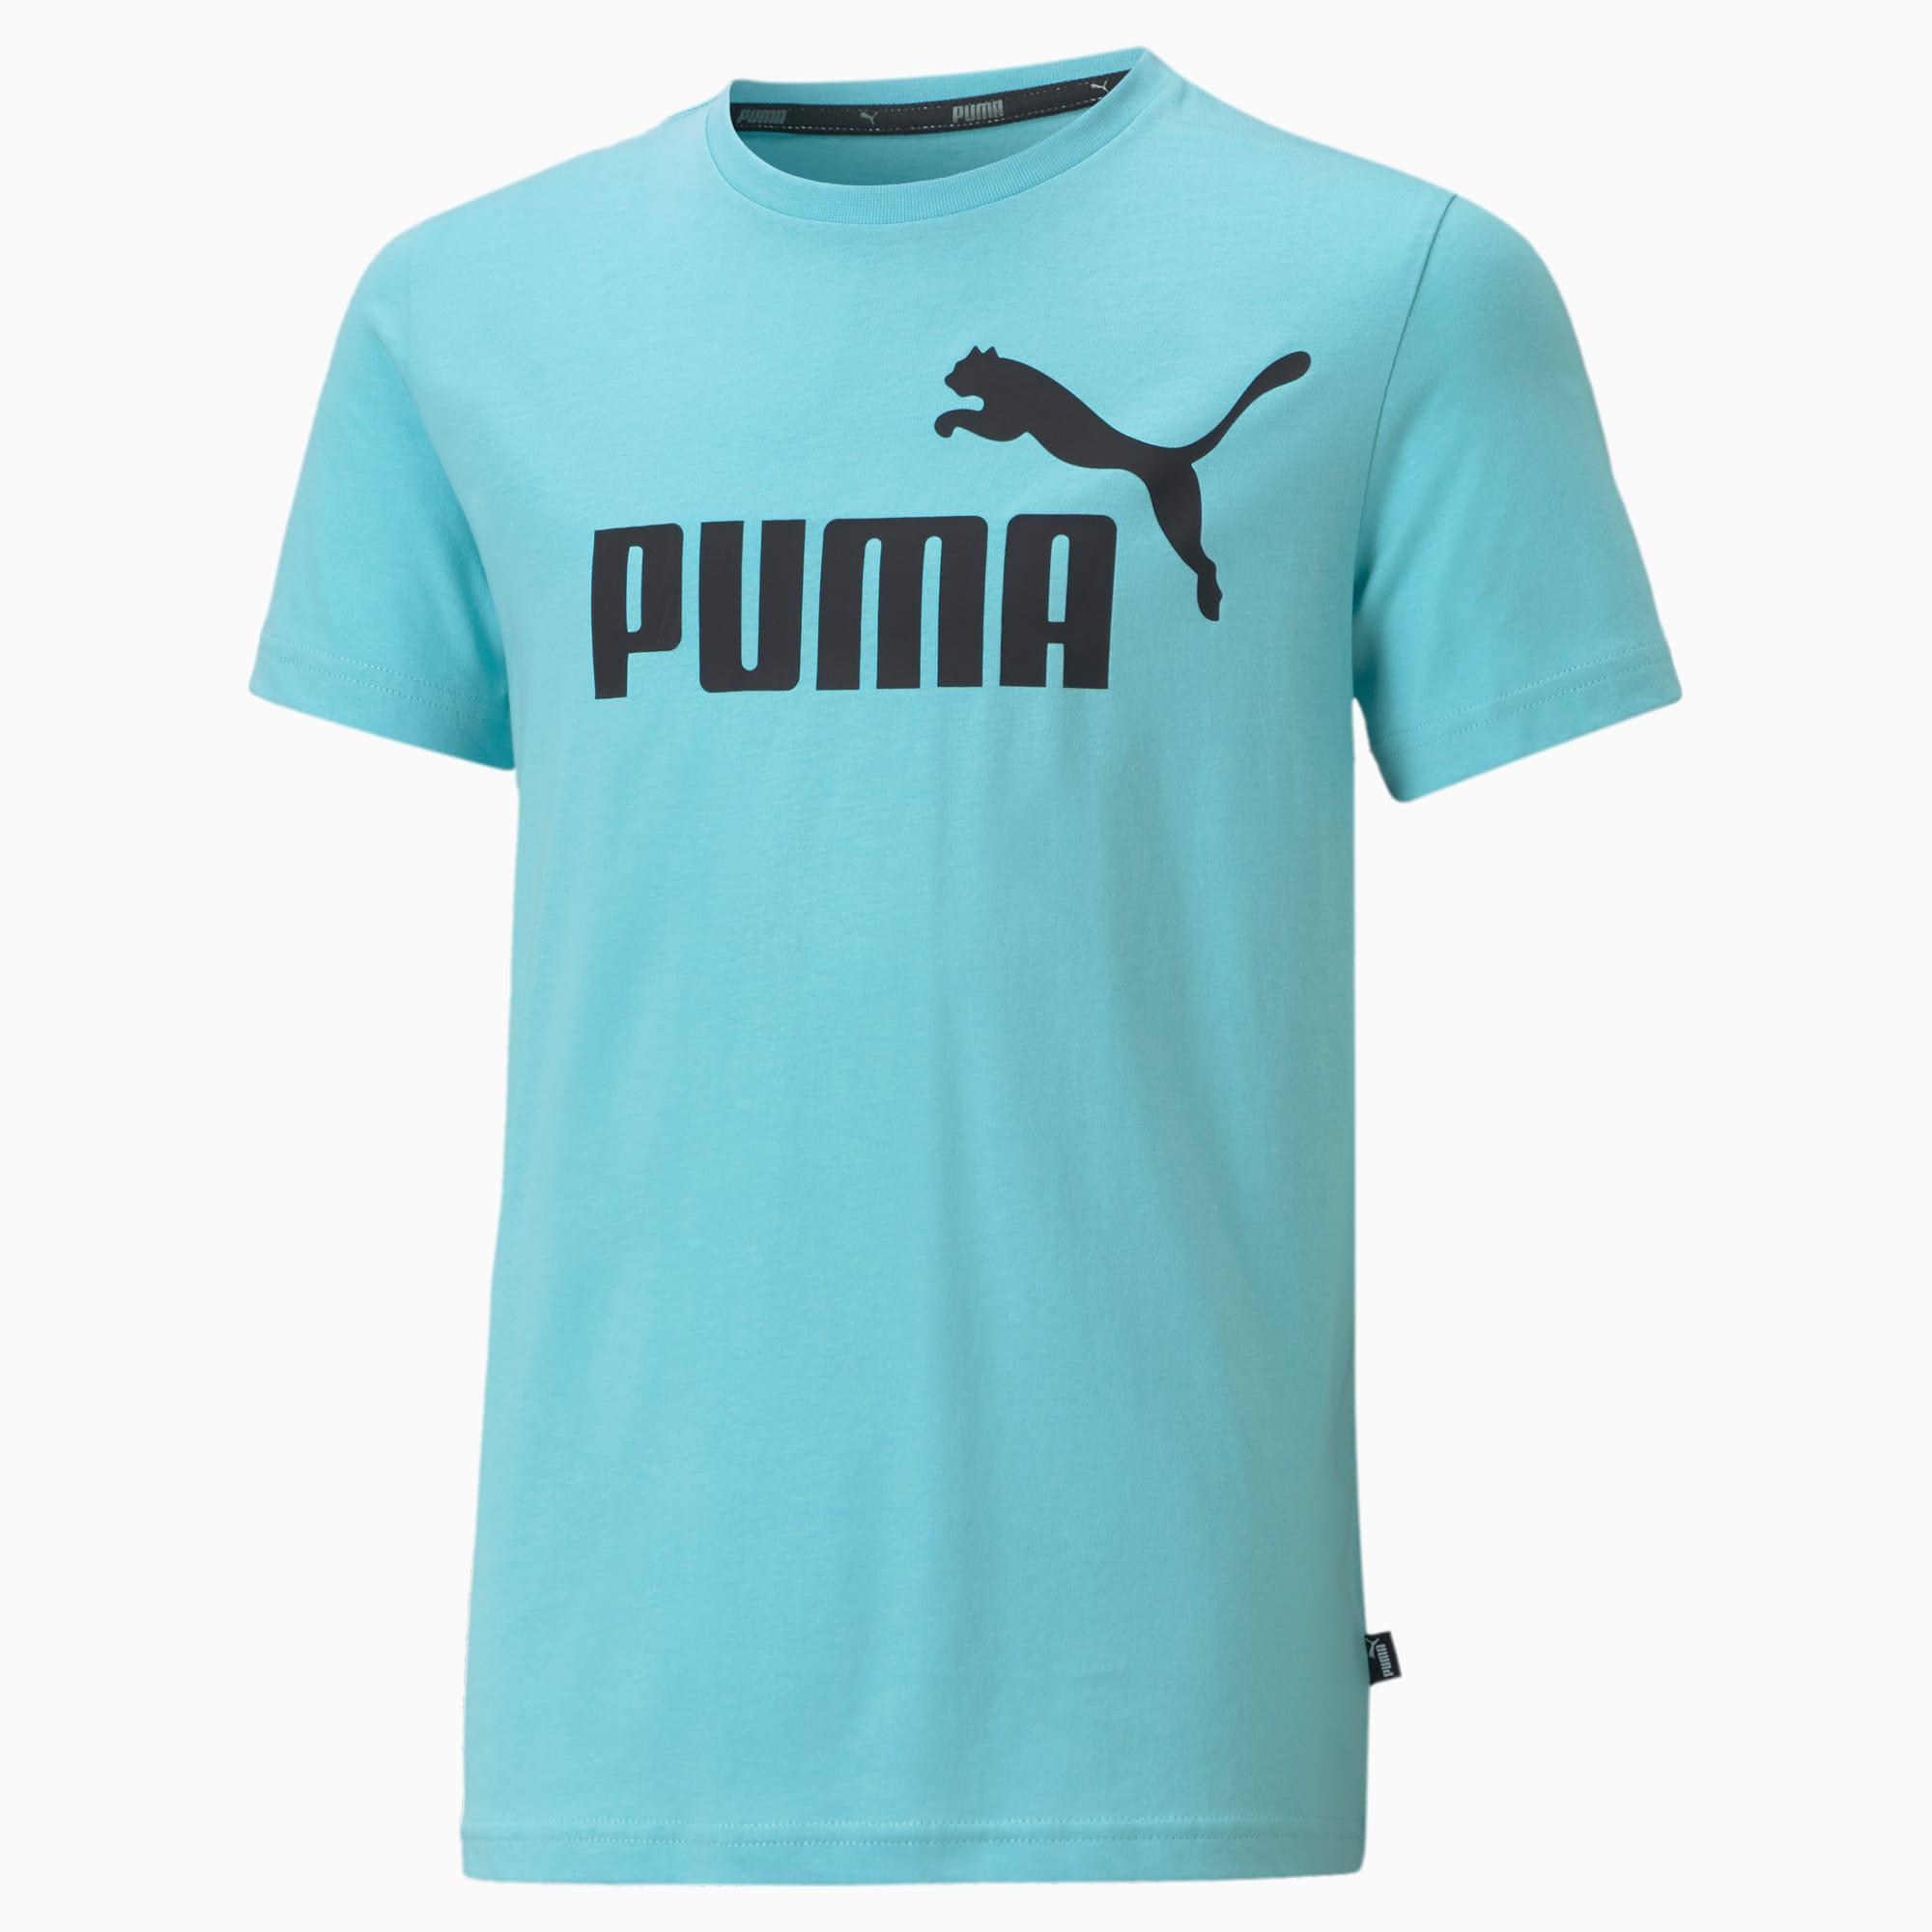 PUMA Essentials Jugend T-Shirt mit Logo Für Kinder   Mit Aucun   Blau   Größe: 110